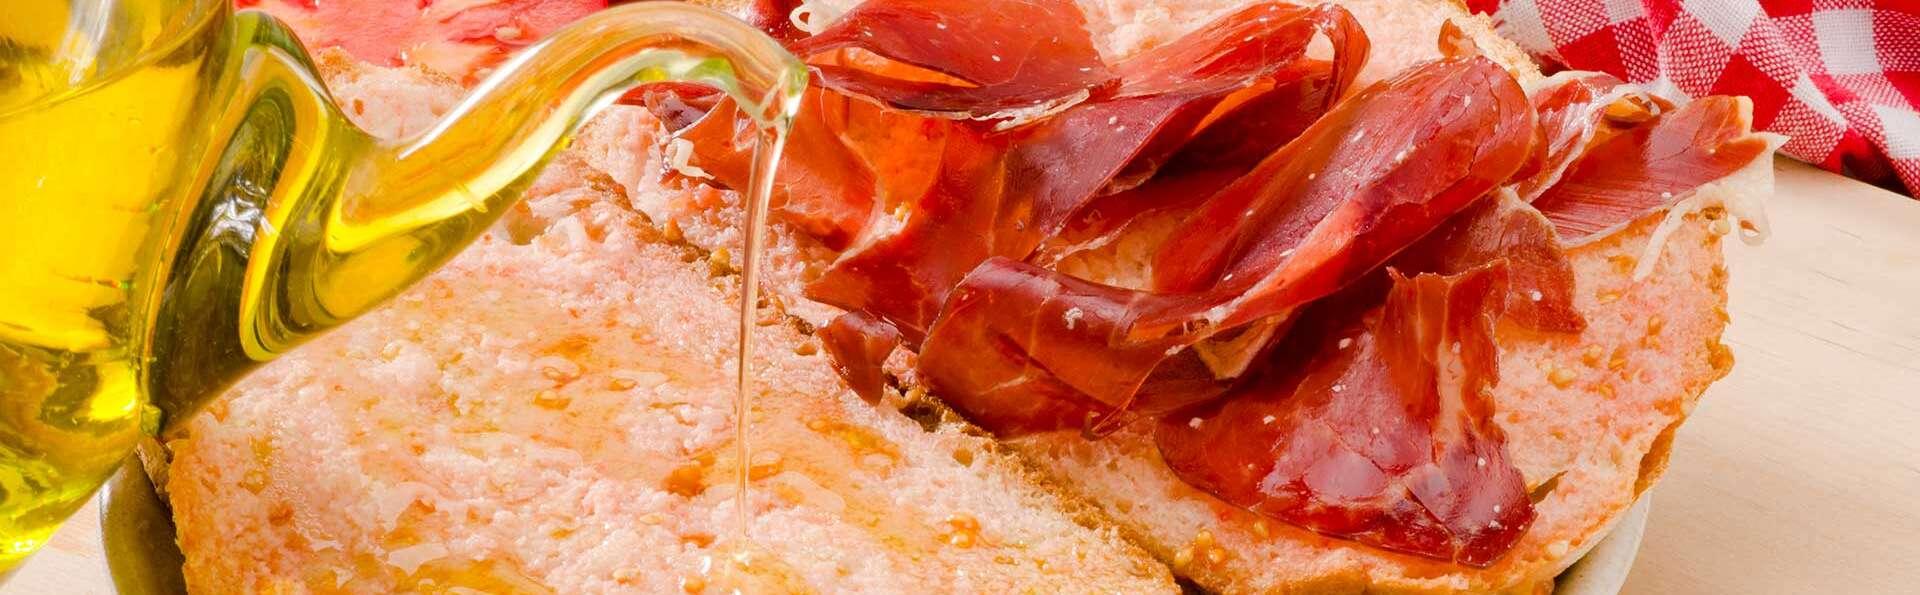 Delicias culinarias en el paseo marítimo de Malgrat de Mar